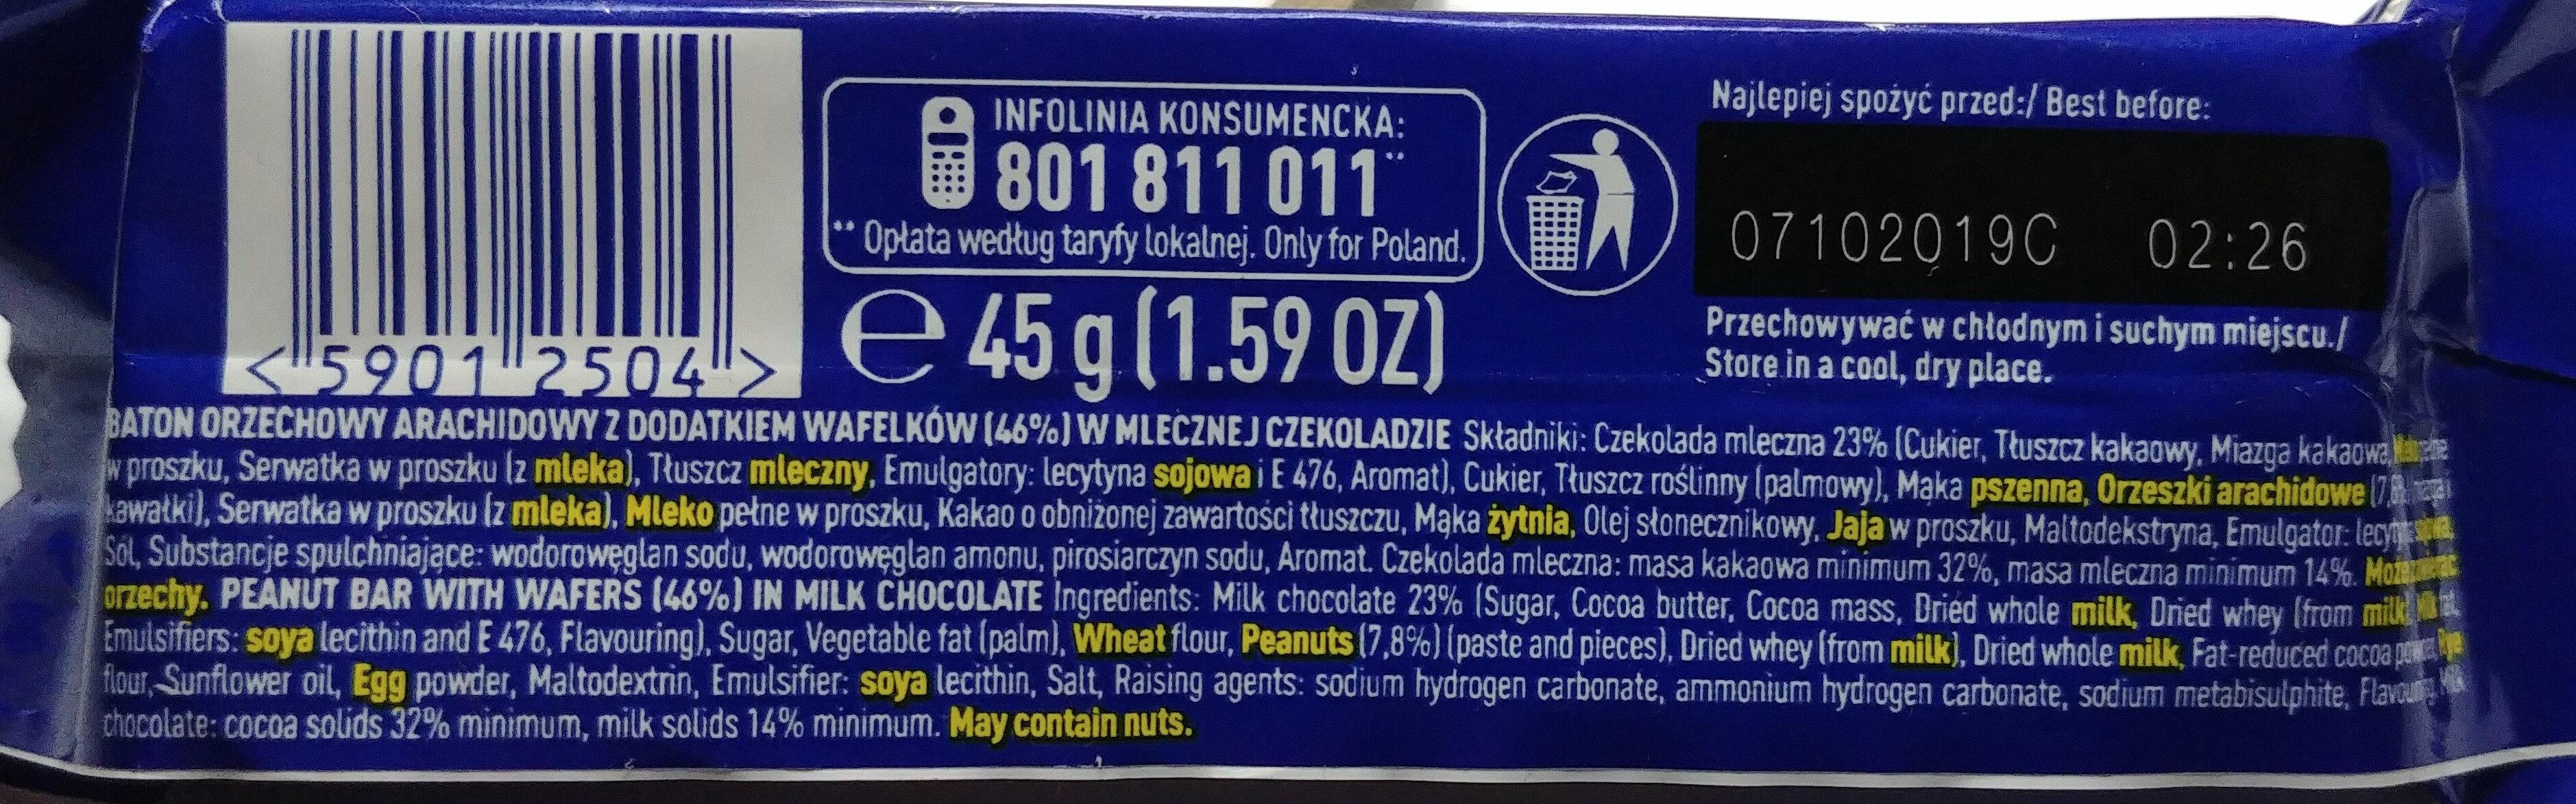 Baton orzechowy arachidowy z dodatkiem wafelków 46% w mlecznej czekoladzie. - Składniki